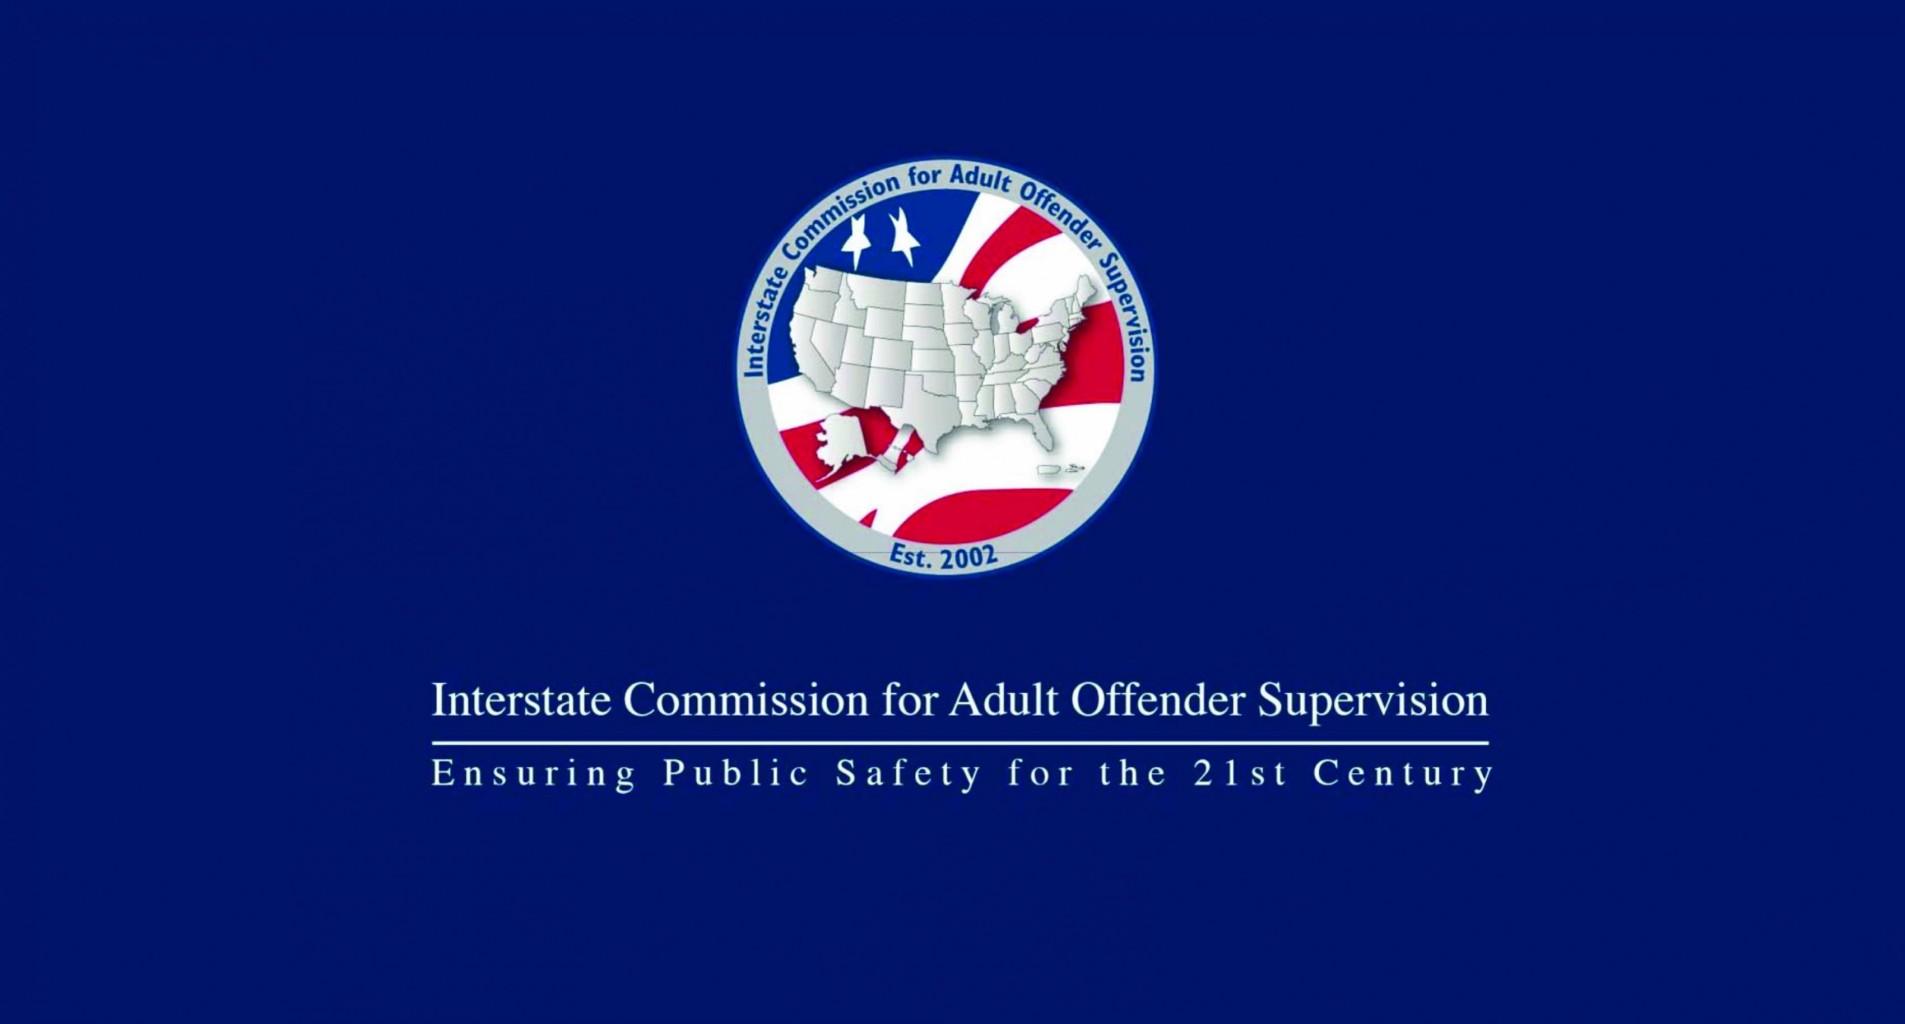 Ford  nombrado miembro de la Comisión Interestatal para la Supervisión de Delincuentes Adultos